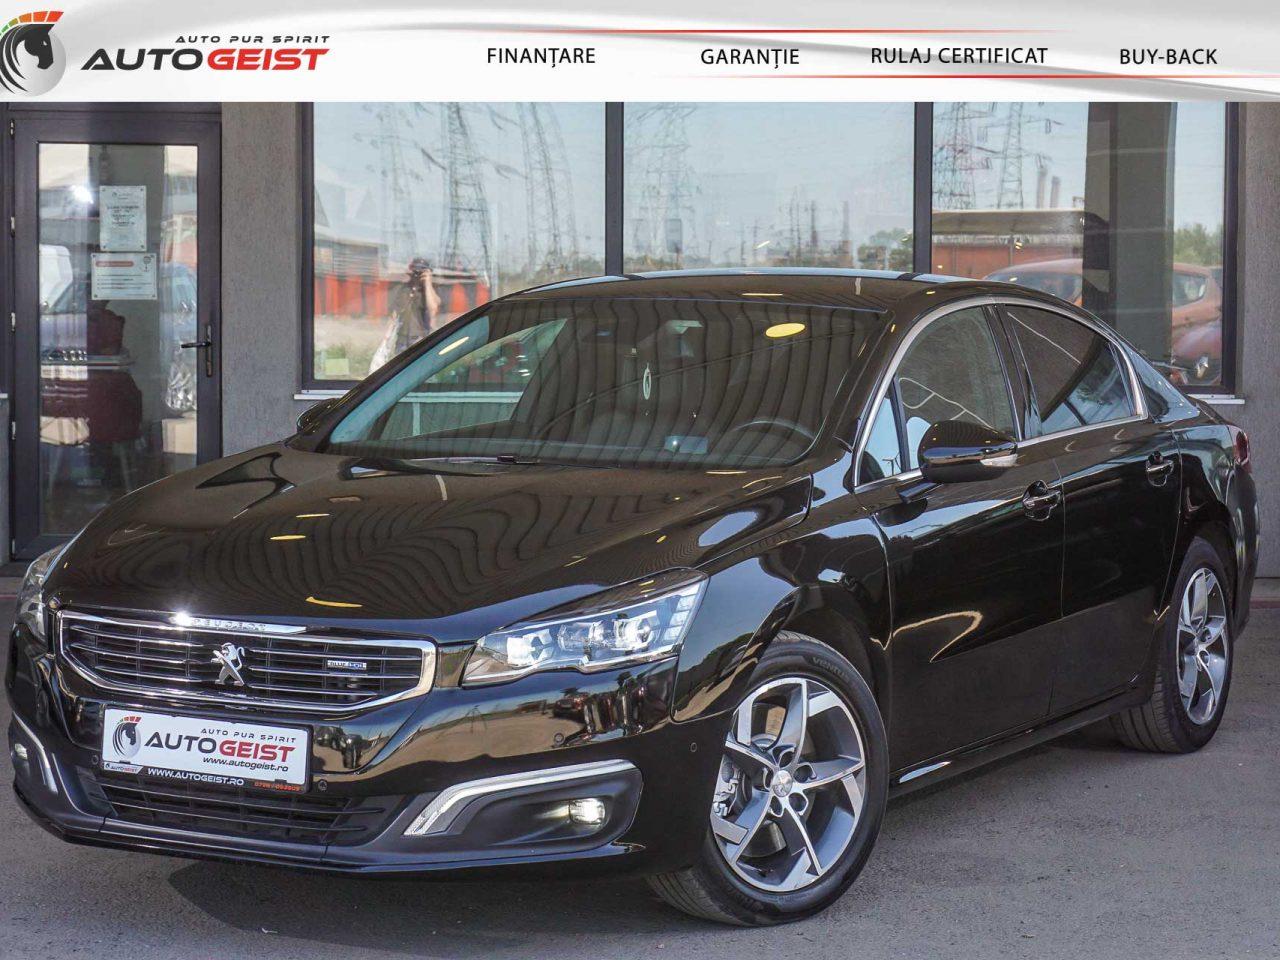 585-peugeot-508-sedan-negru-01721